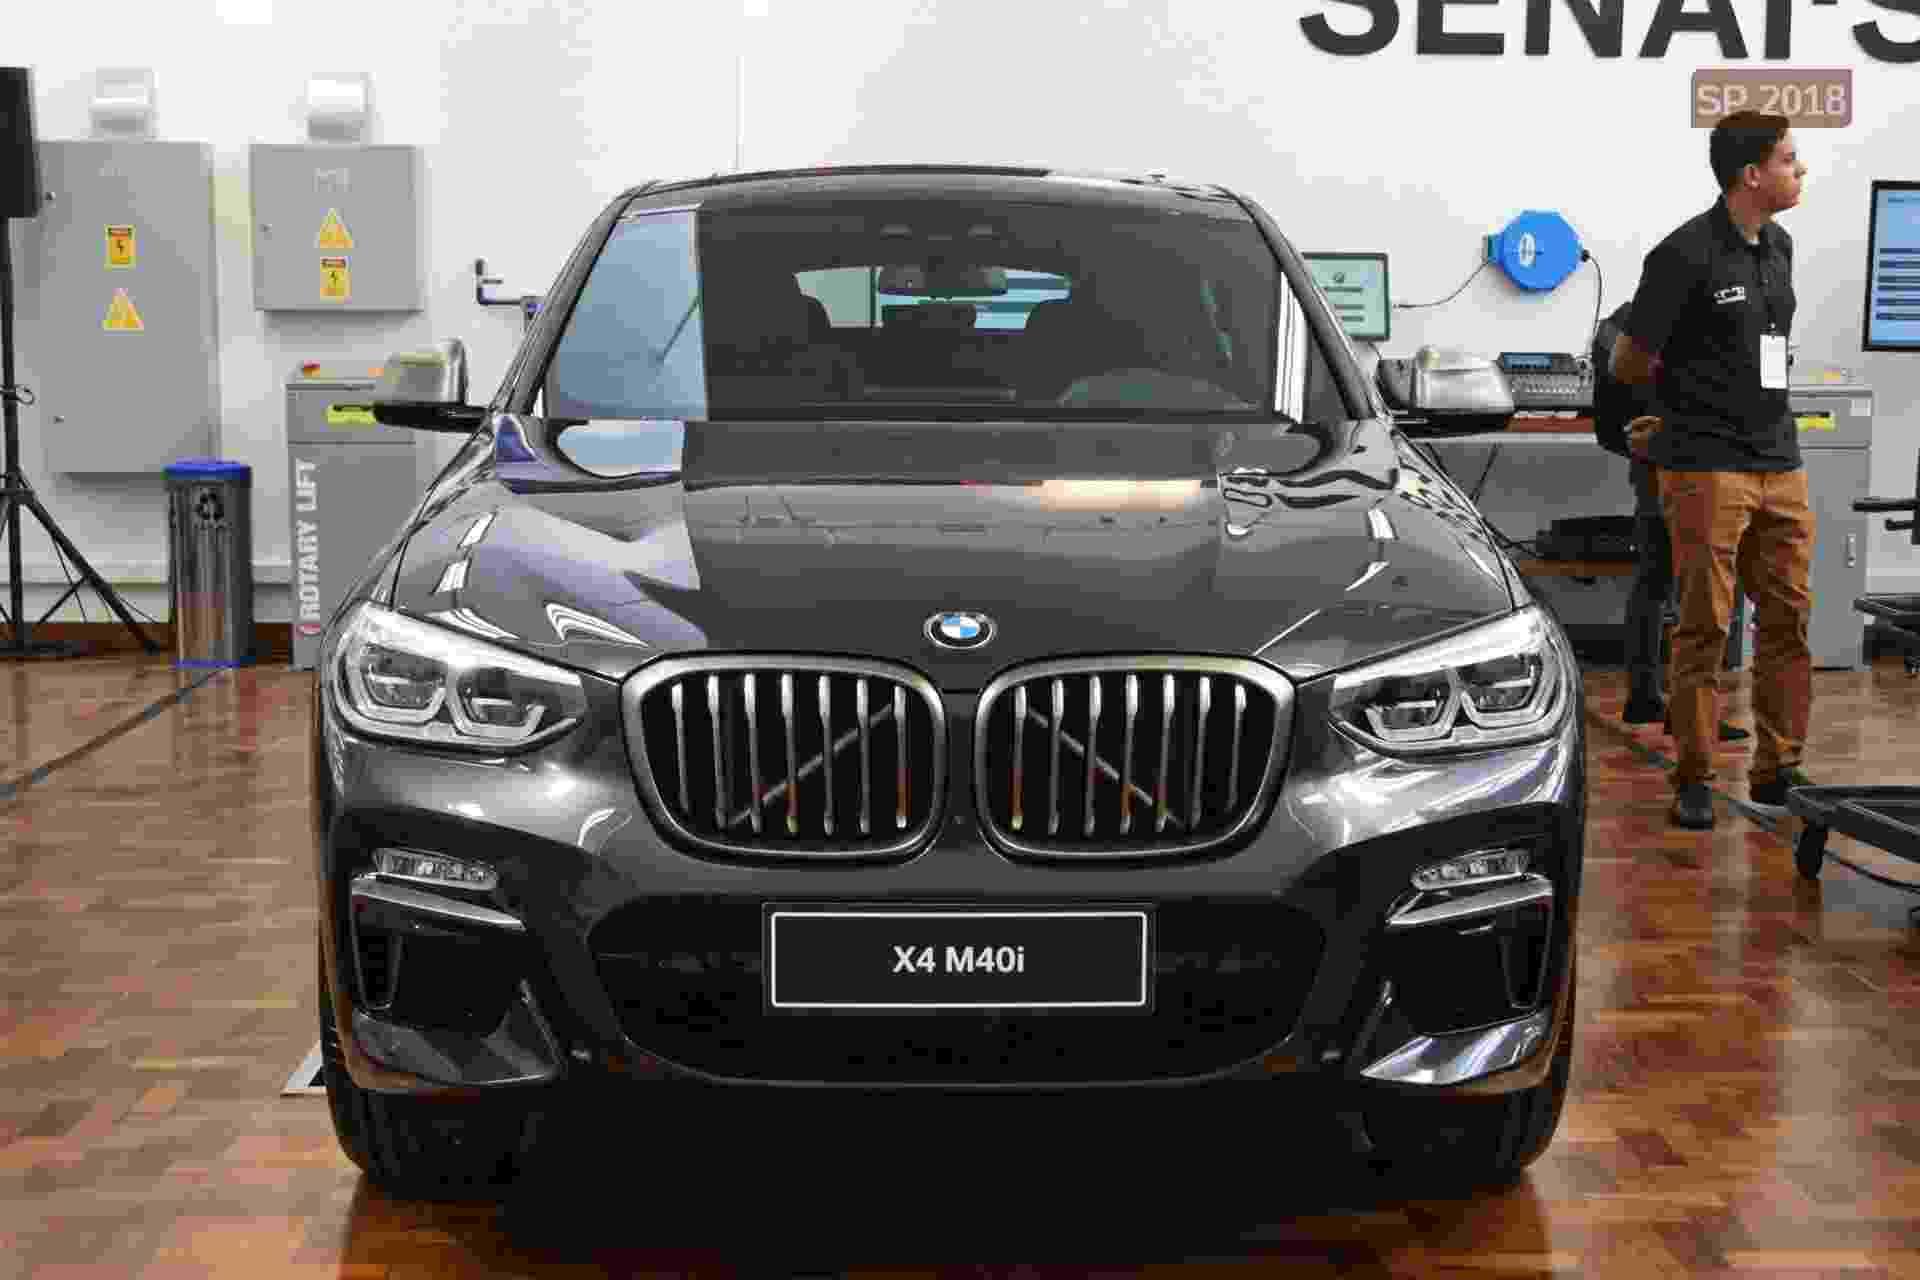 BMW X4 M40i - Murilo Góes/UOL